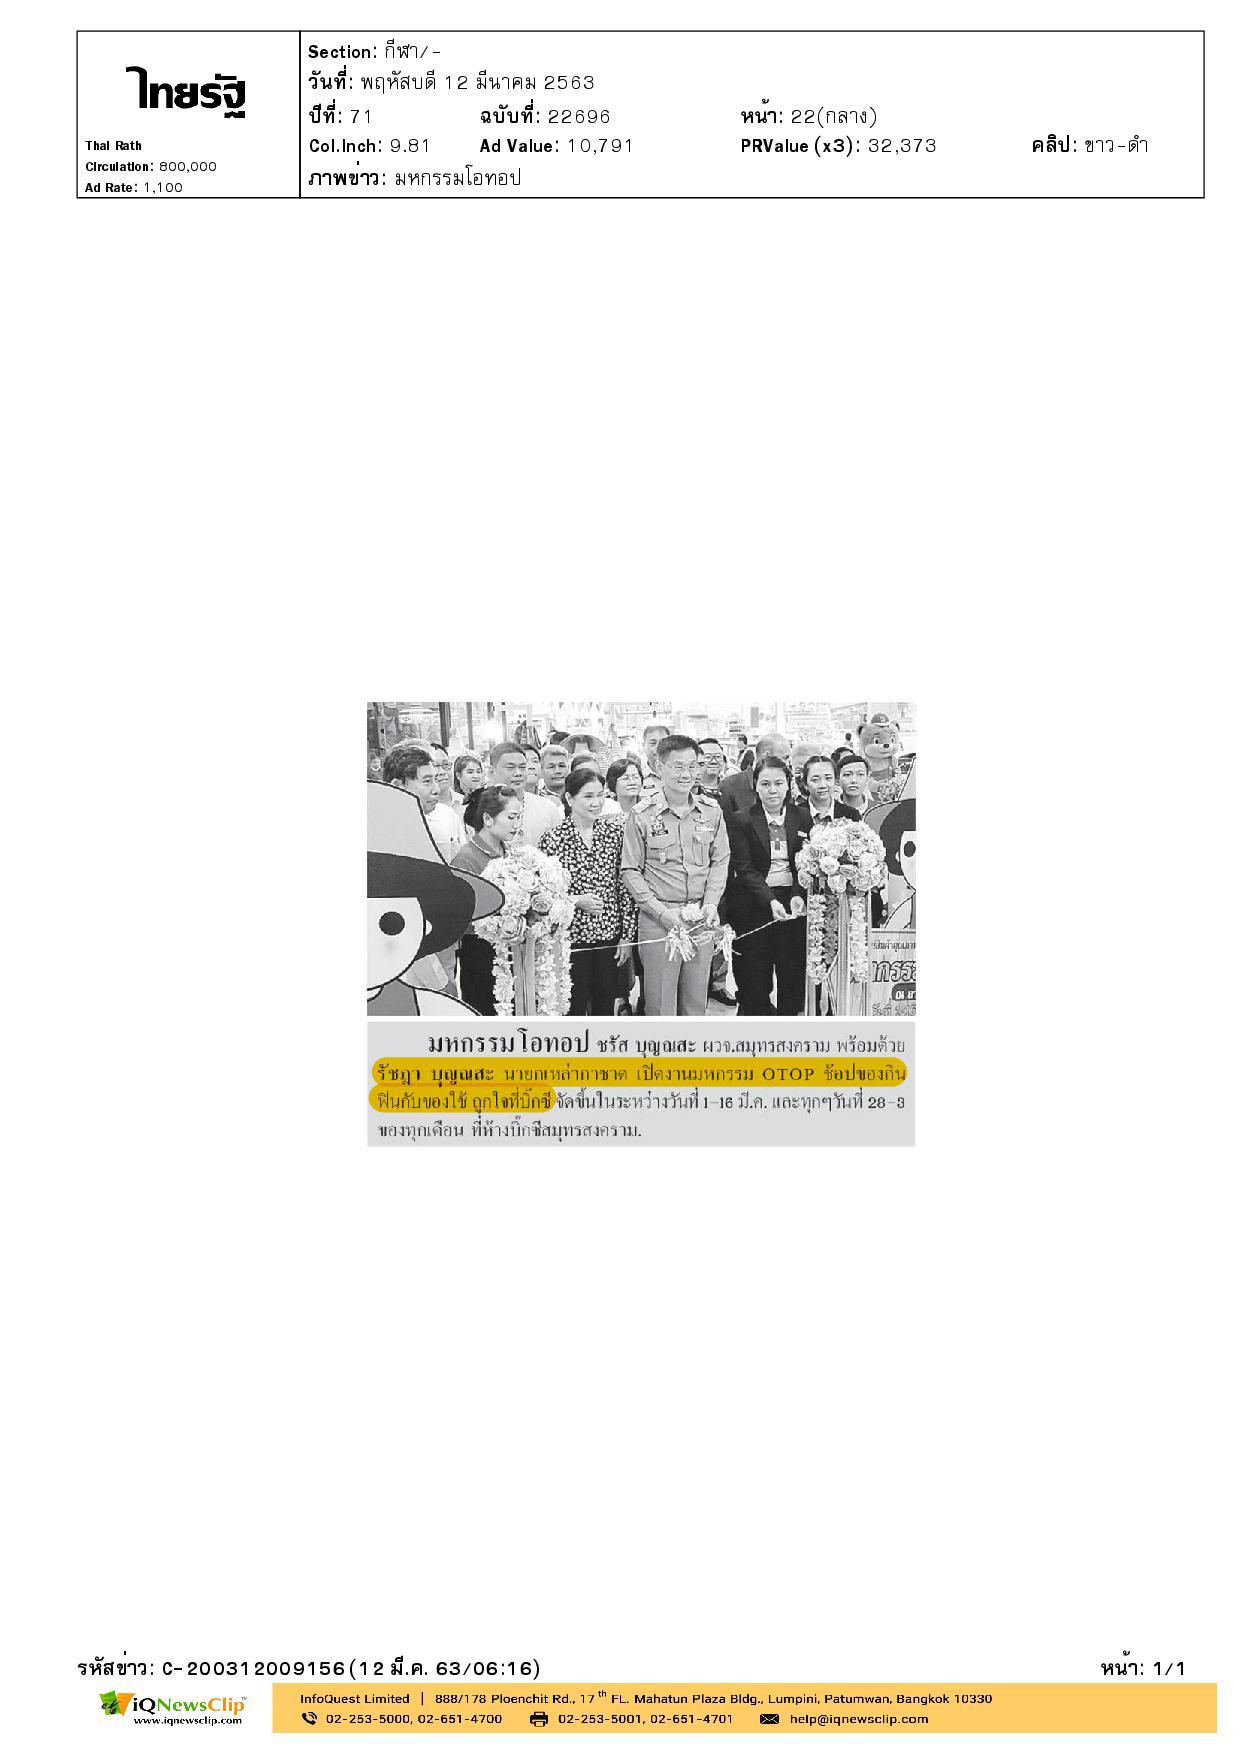 นายกเหล่ากาชาด จ.สมุทรสงคราม ร่วมเปิดงานมหกรรม OTOP